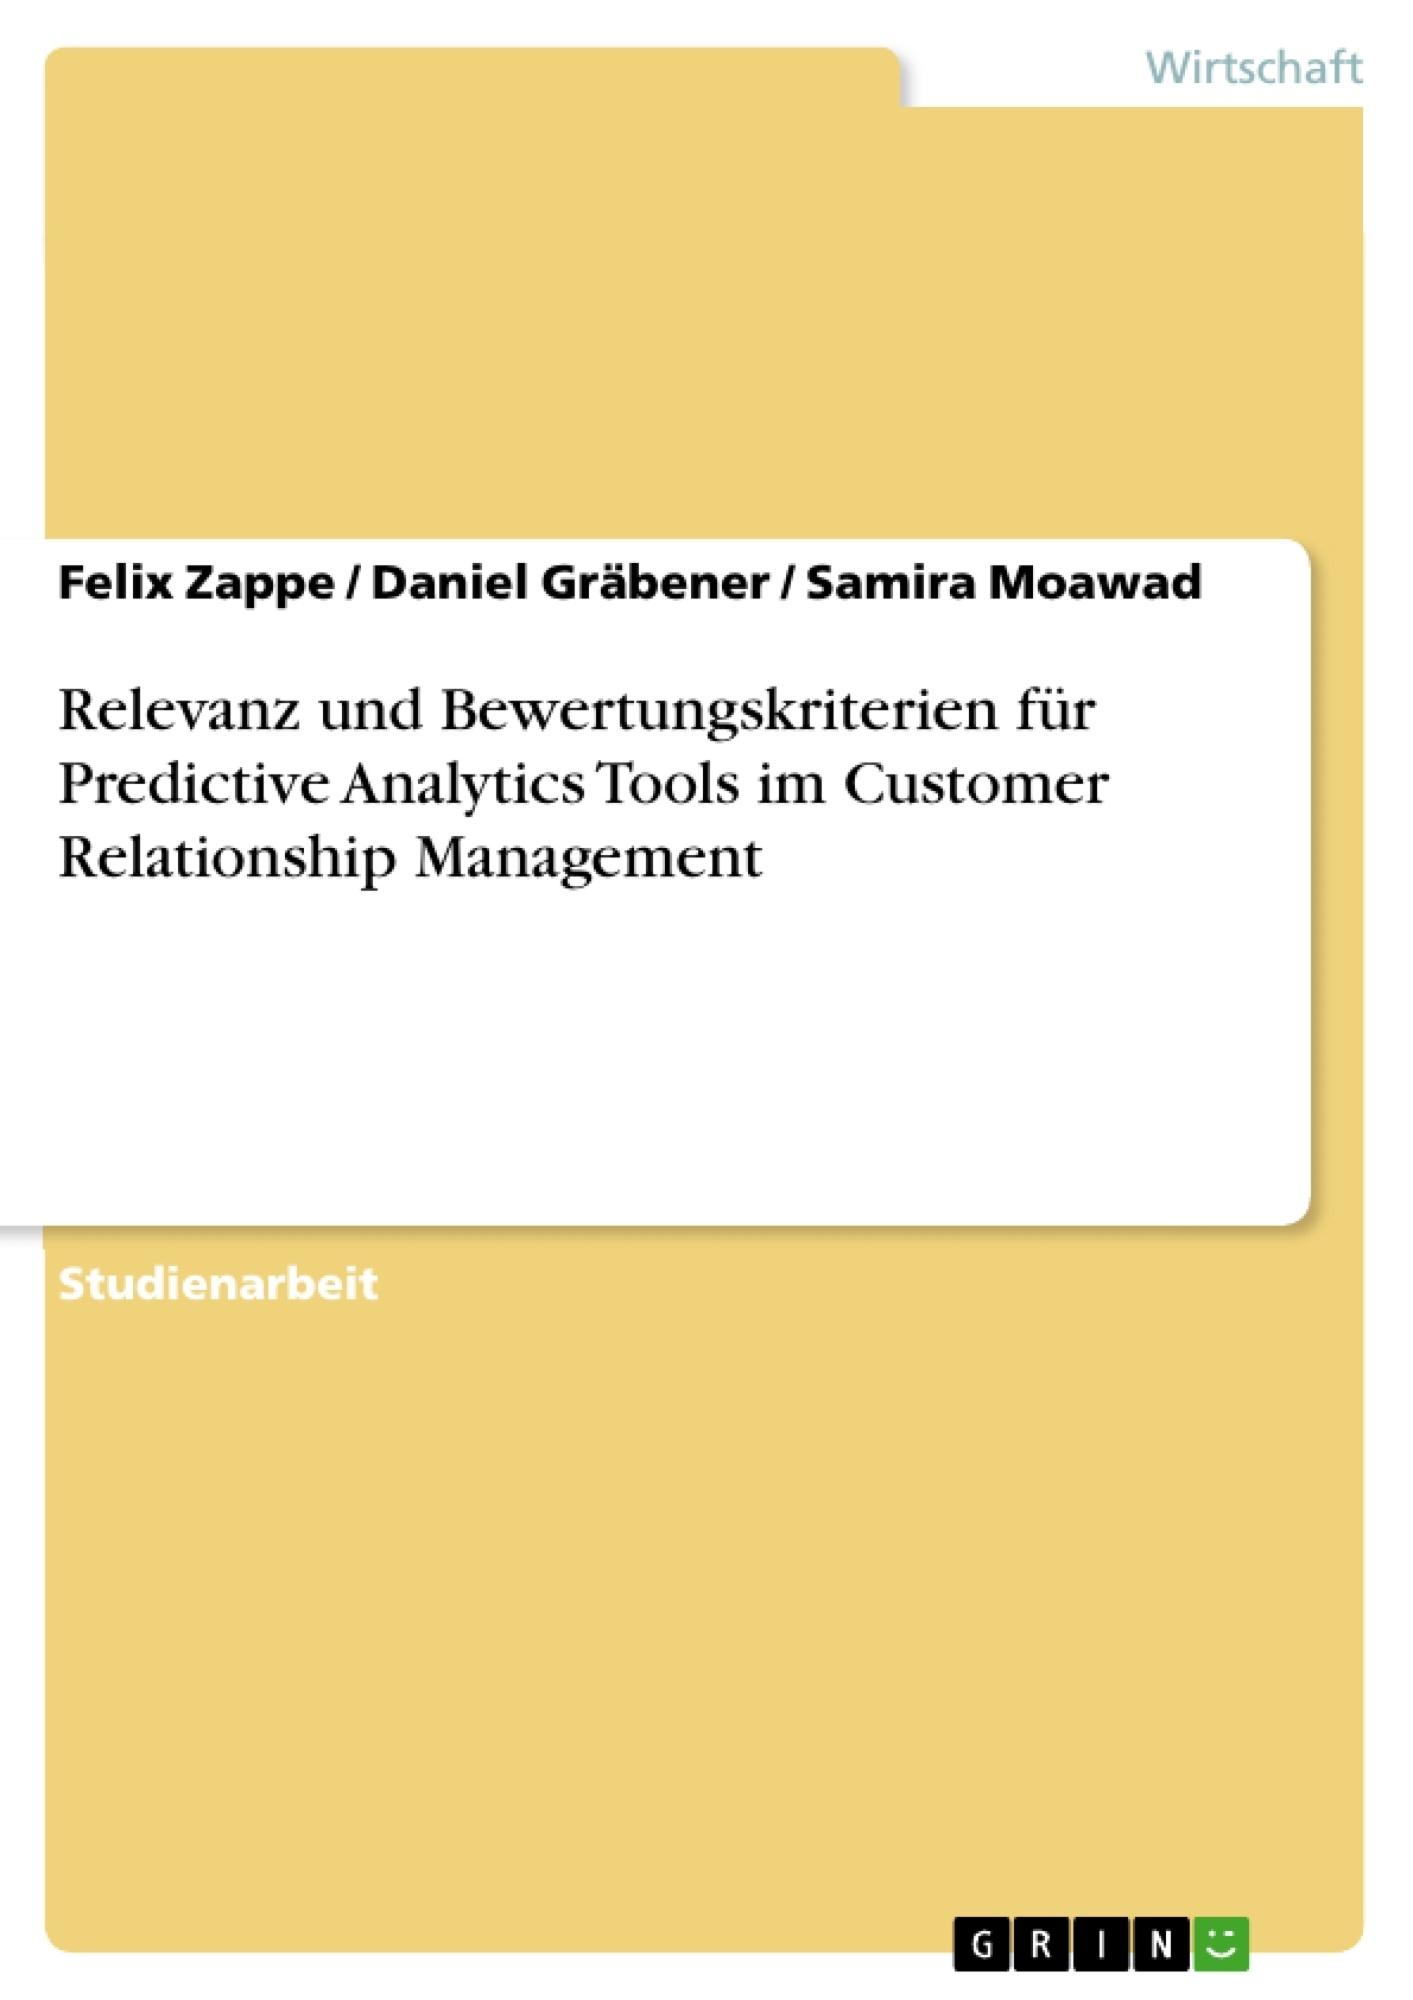 Titel: Relevanz und Bewertungskriterien für Predictive Analytics Tools im Customer Relationship Management